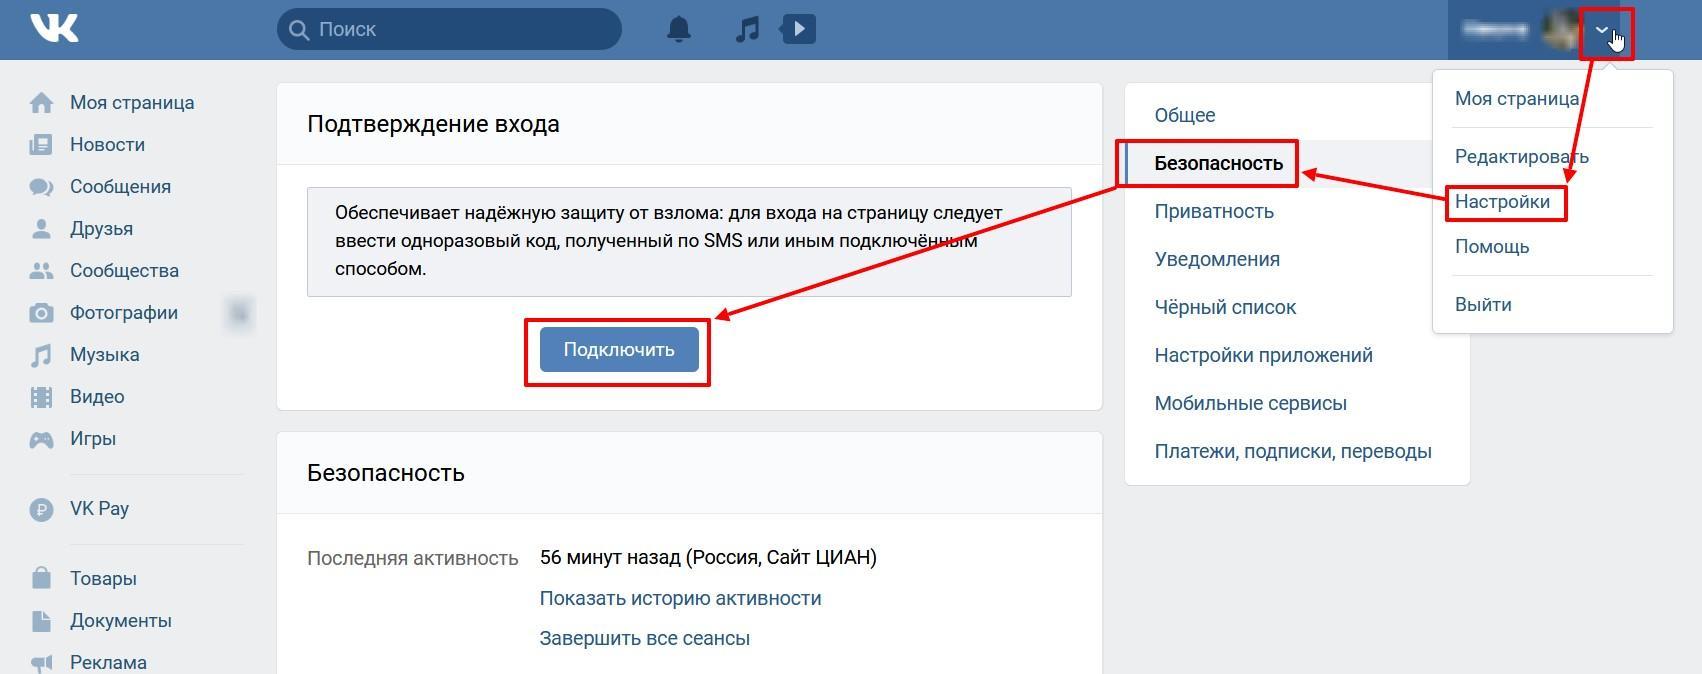 Особенности безопасности ВКонтакте: двойная авторизация, как получить код